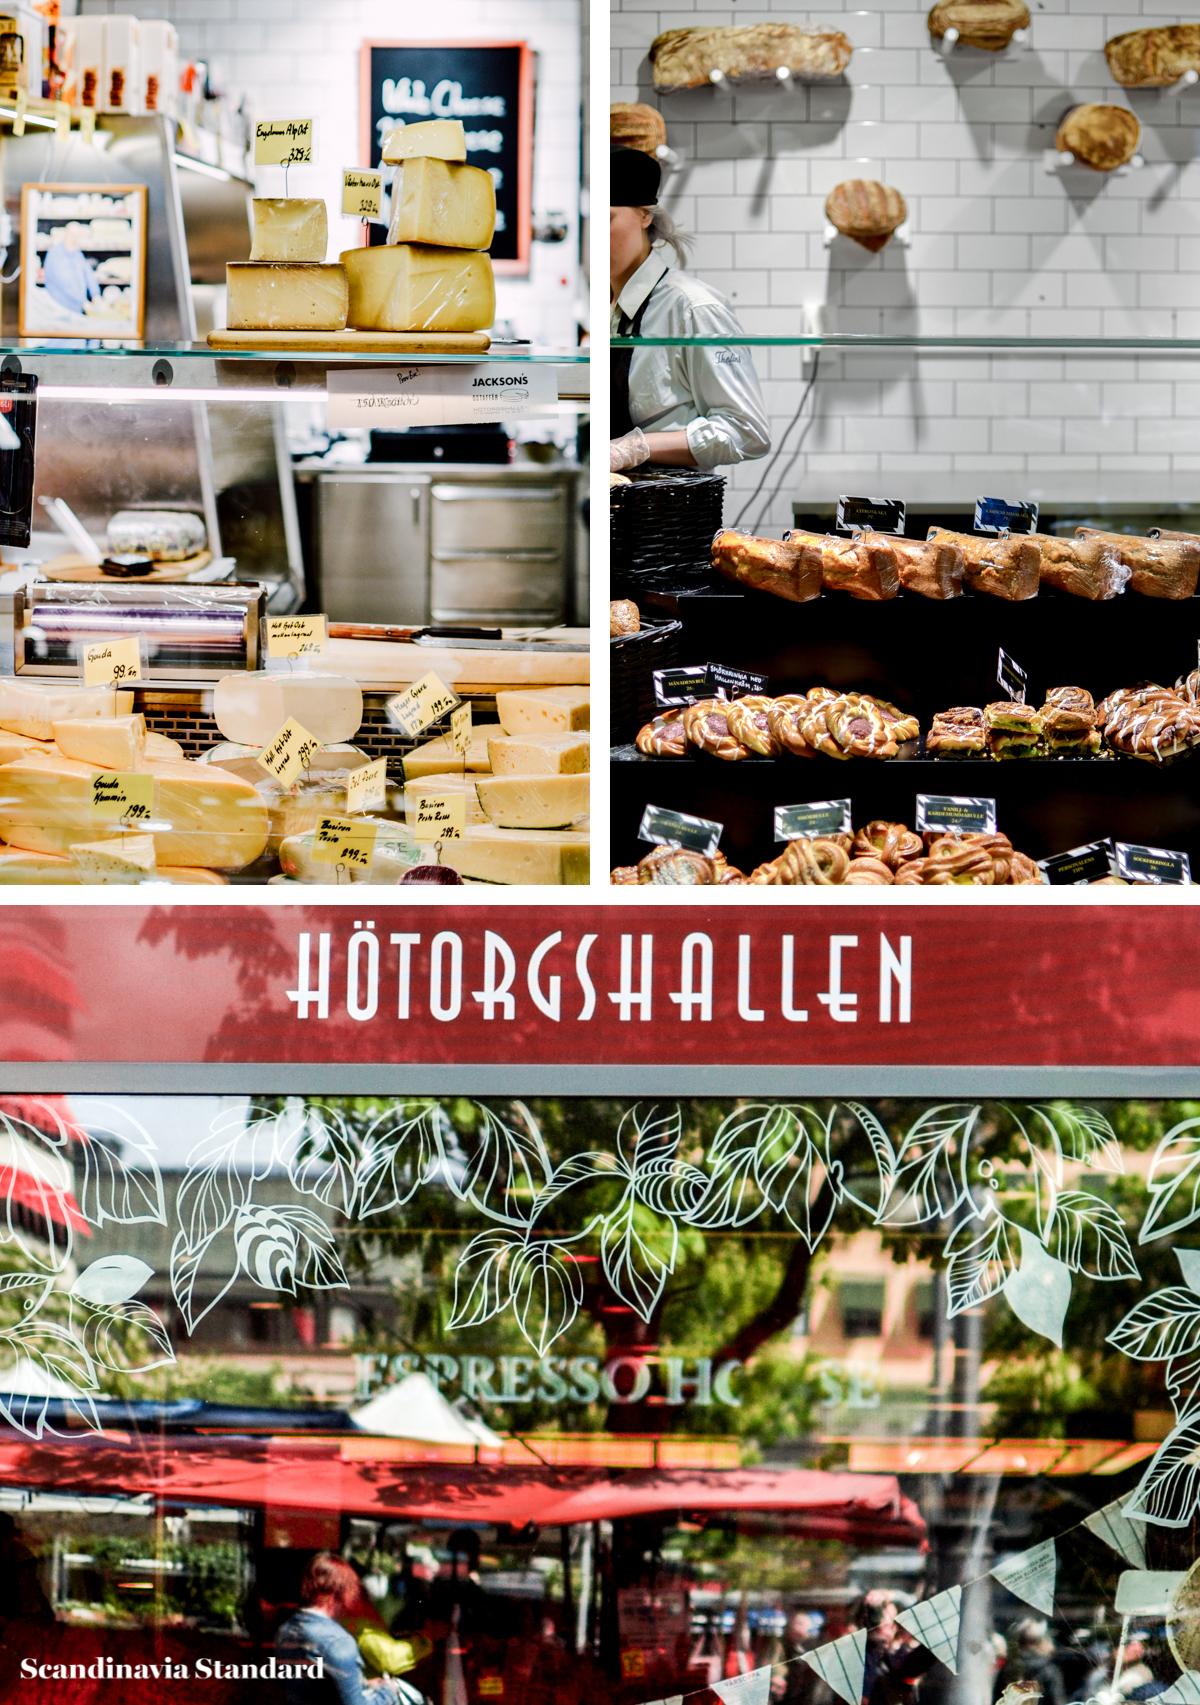 Knausgard - Hotorgshallen Collage I Scandinavia Standard